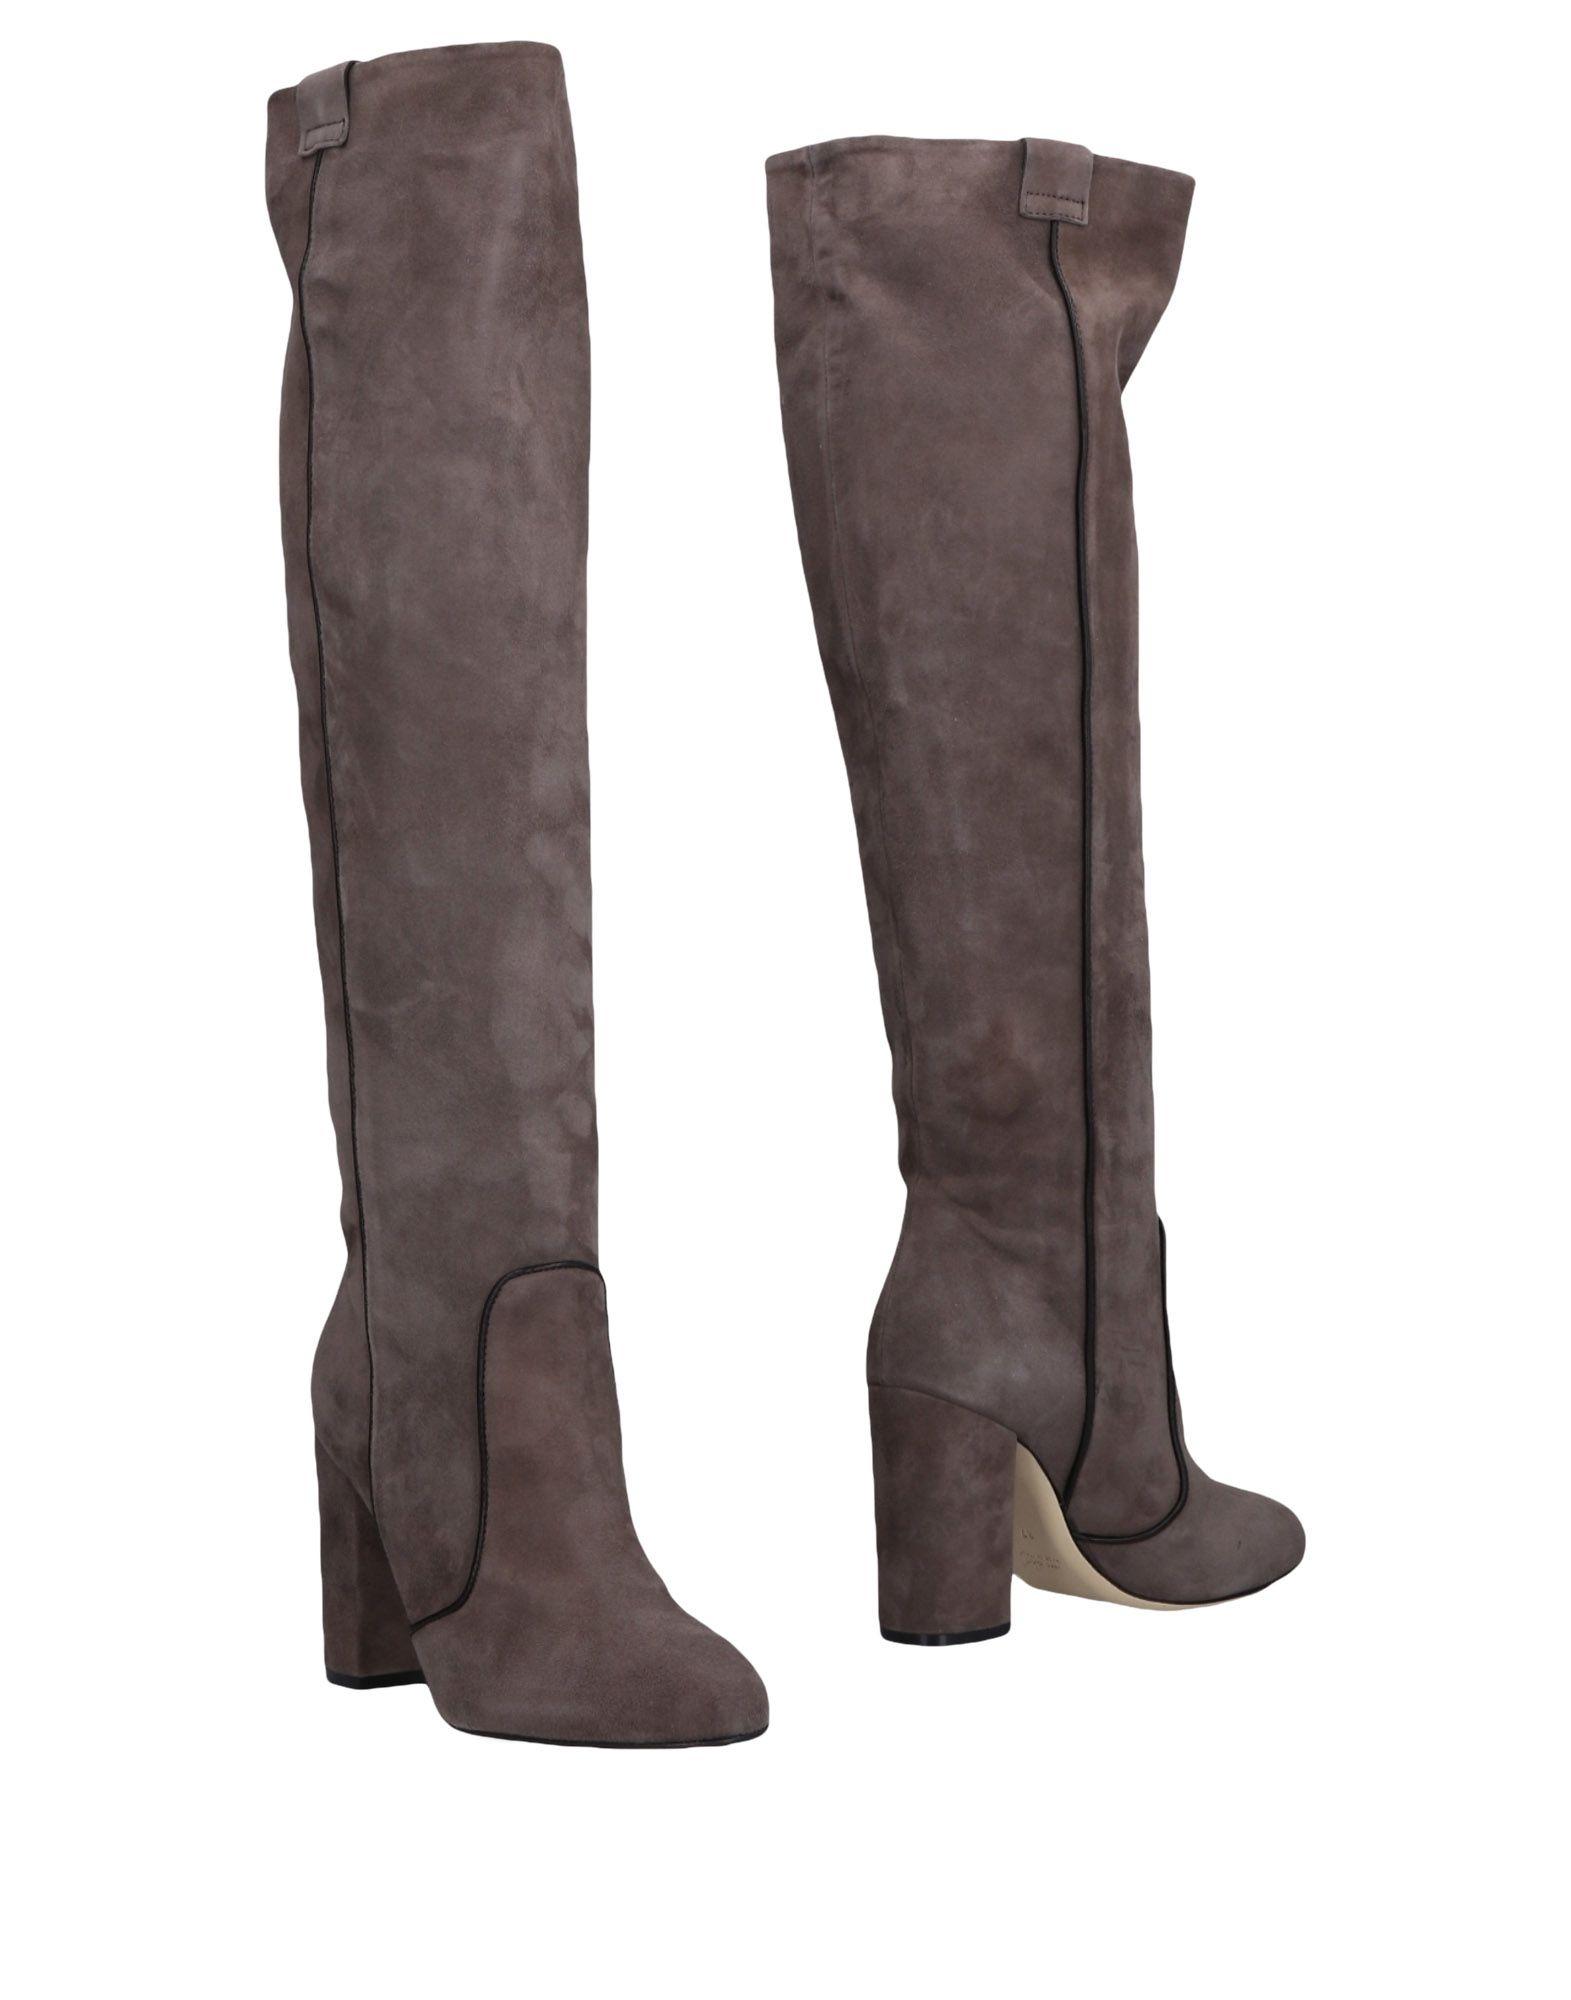 GIAMPAOLO VIOZZI Boots in Dove Grey